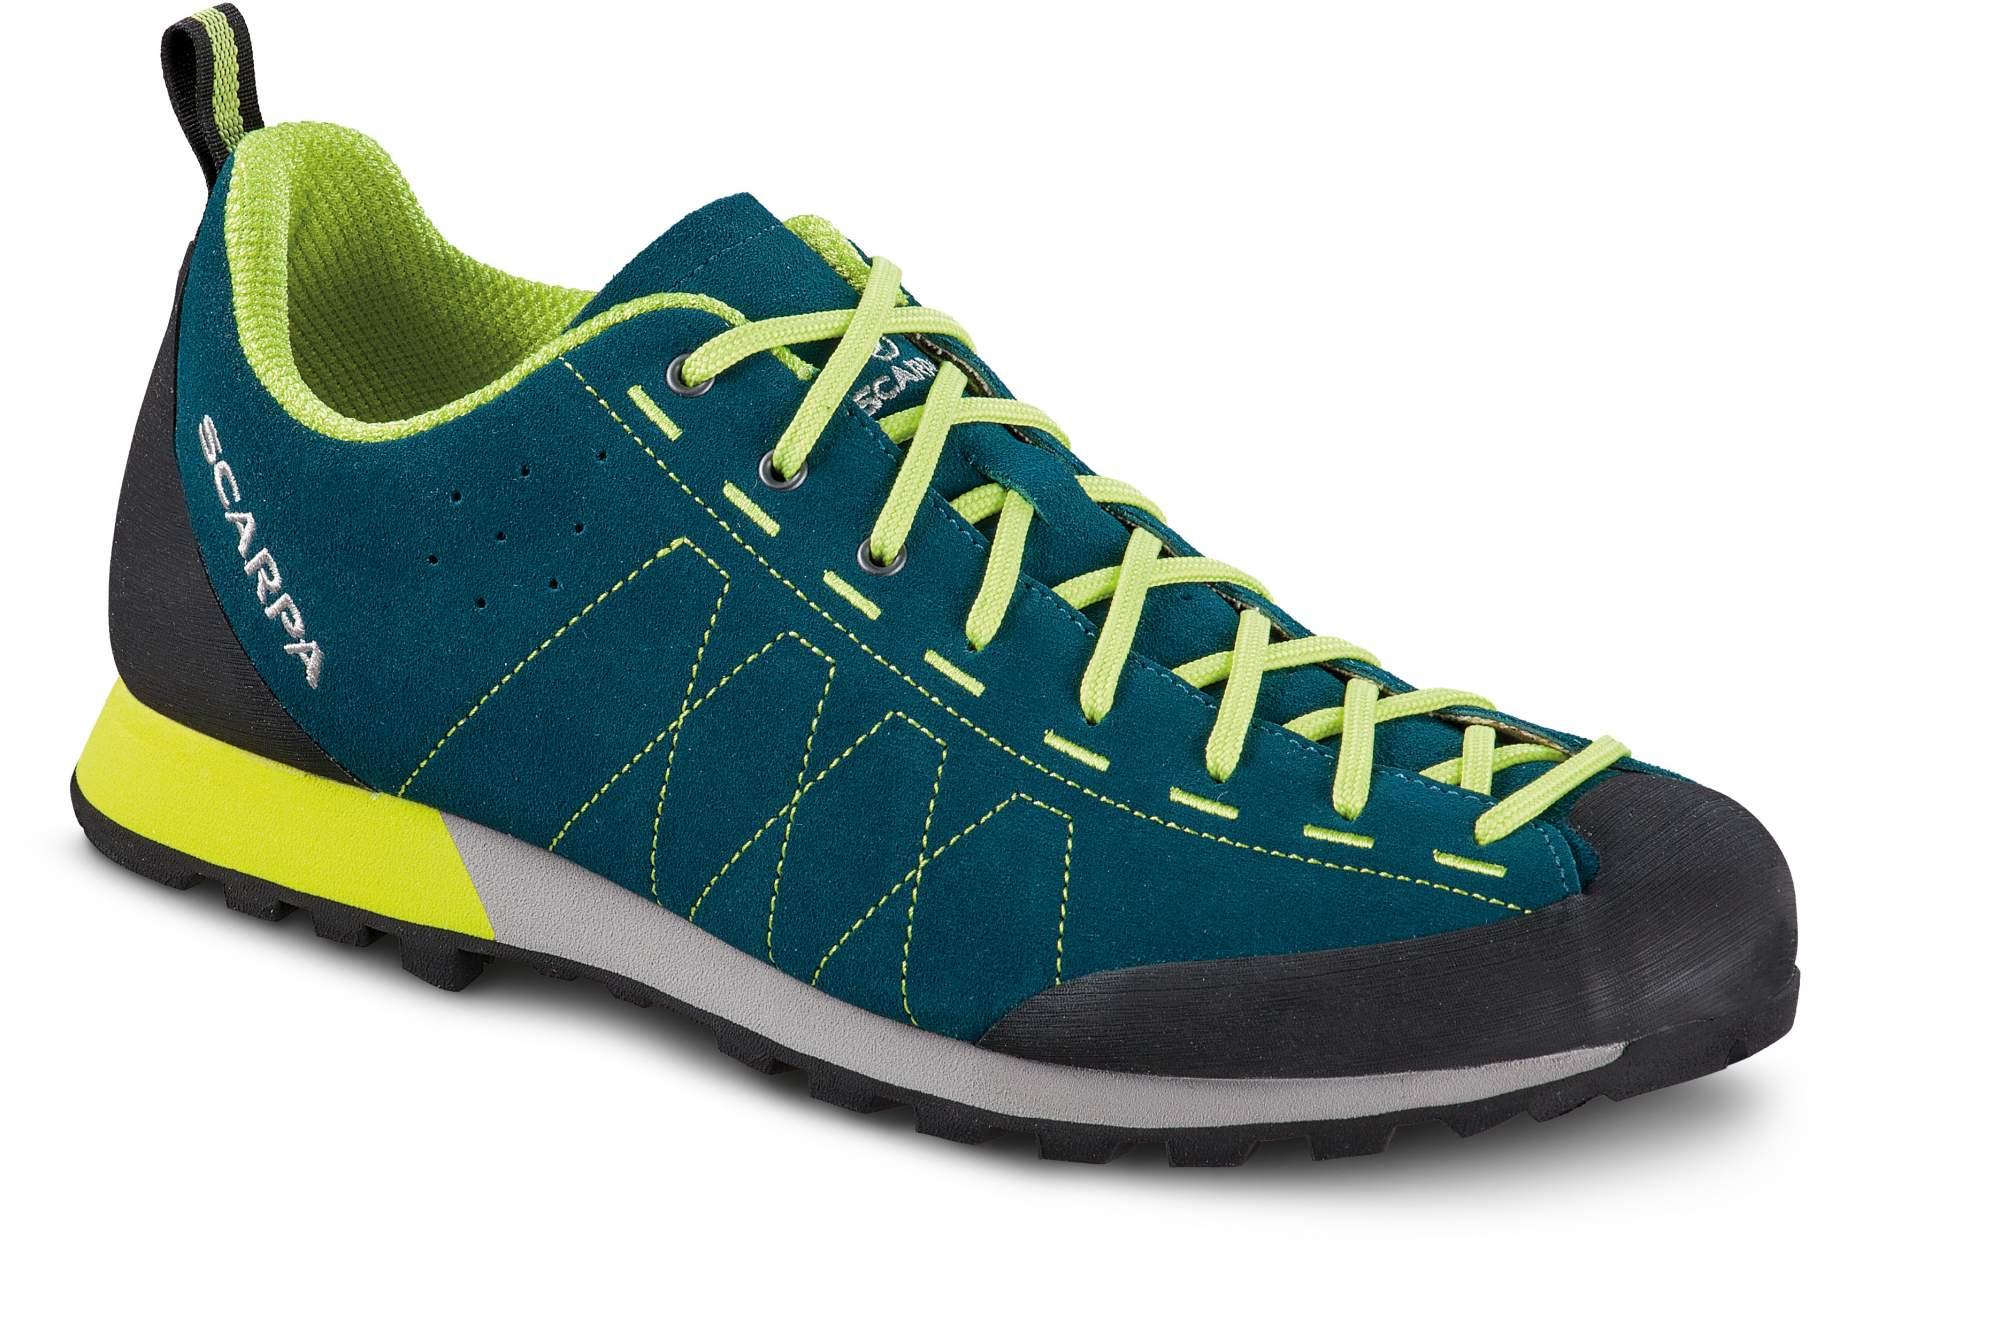 Ботинки мужские Scarpa Highball, lake blue/lime,